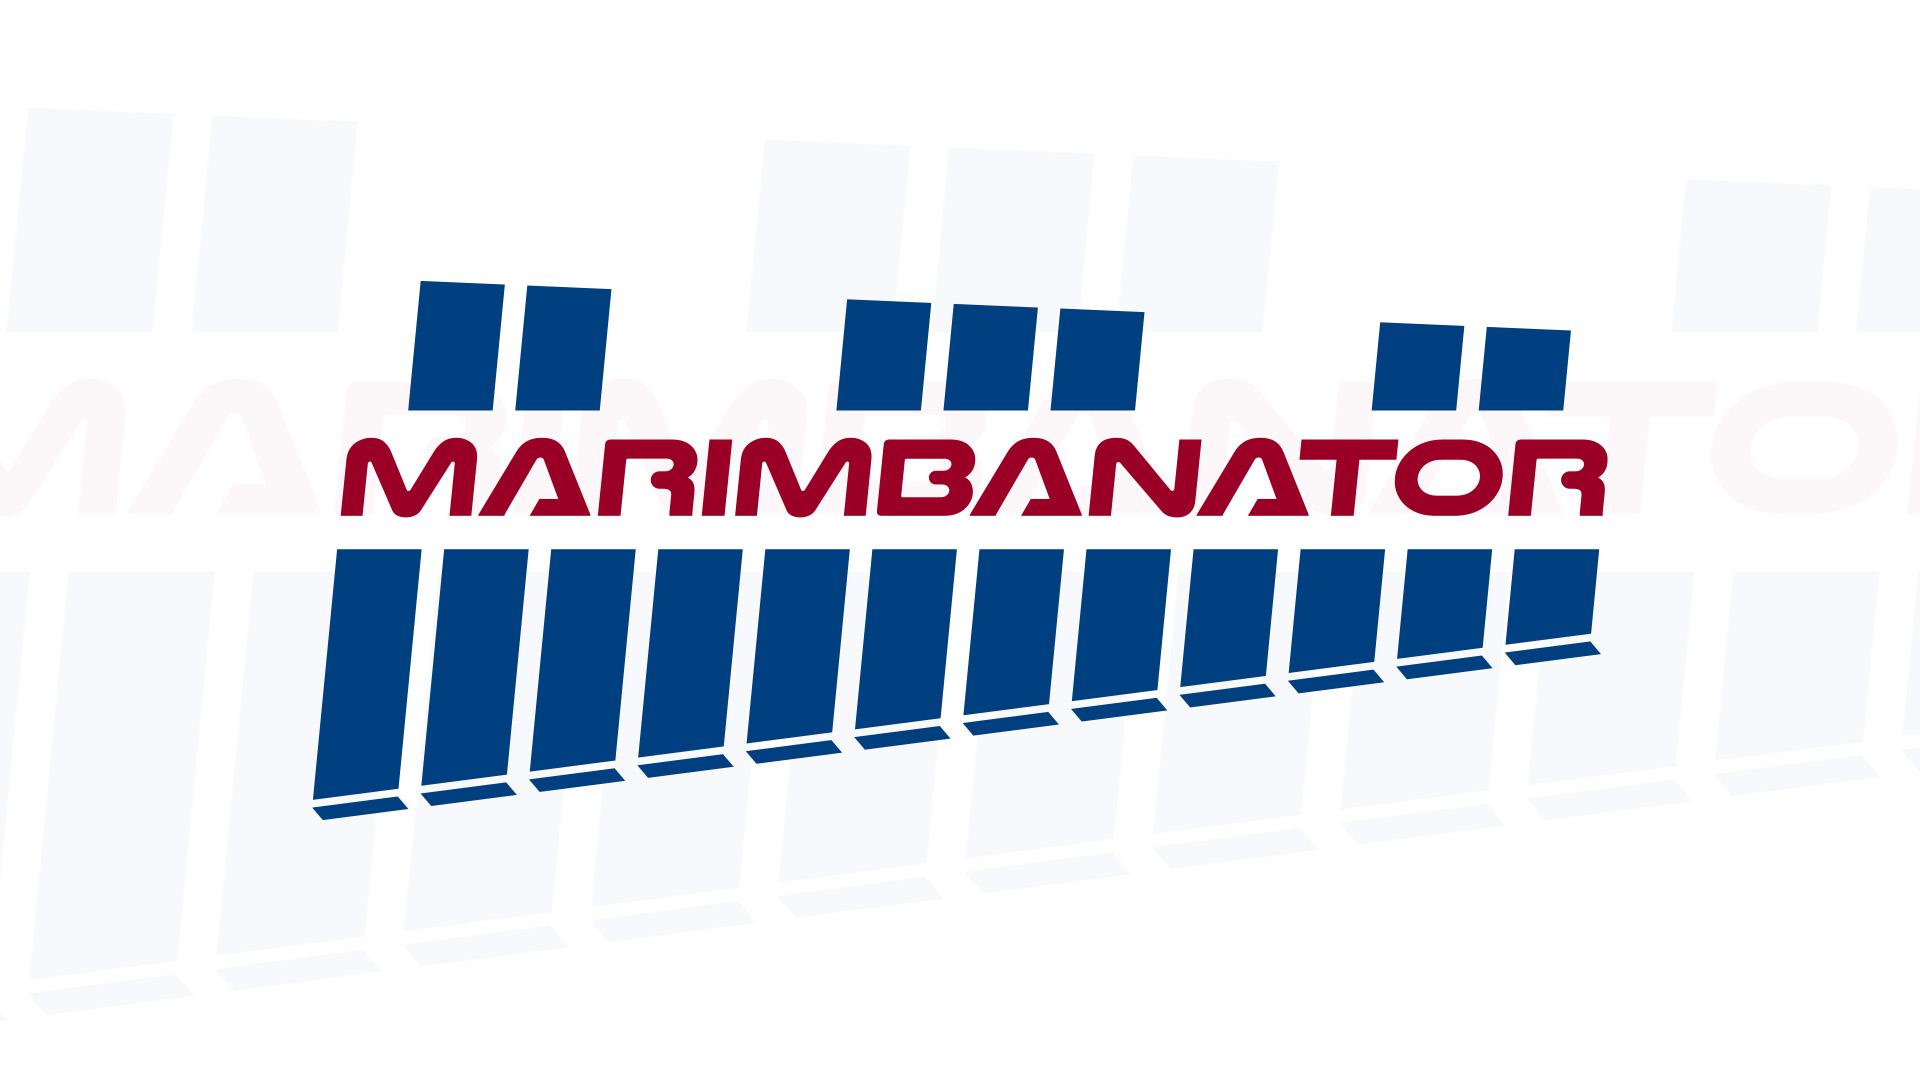 Marimbanator logo